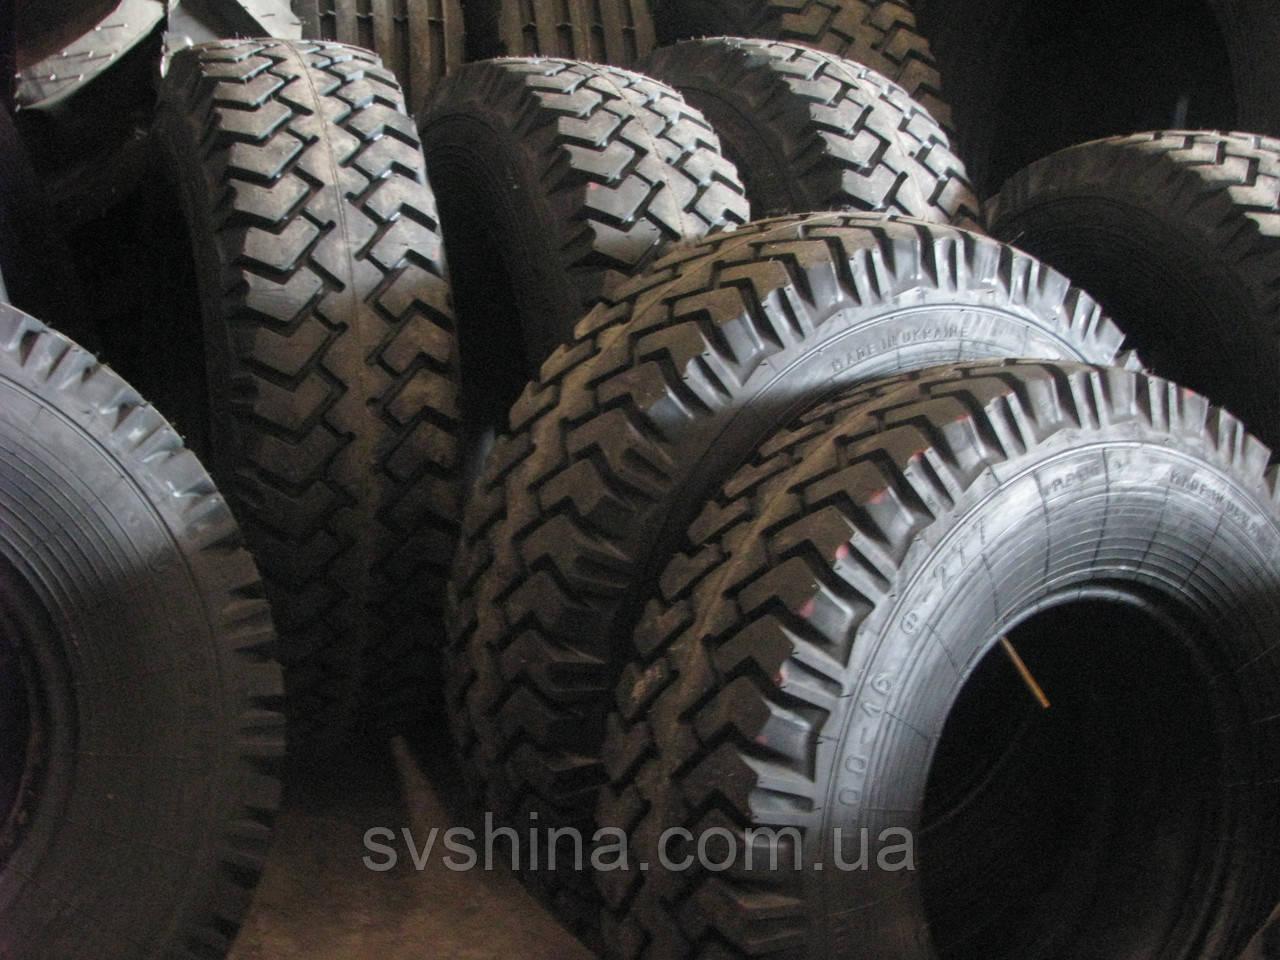 Сільгосп. шини 9.00-16 (240-406) Росава Ф-277, 14 нс.